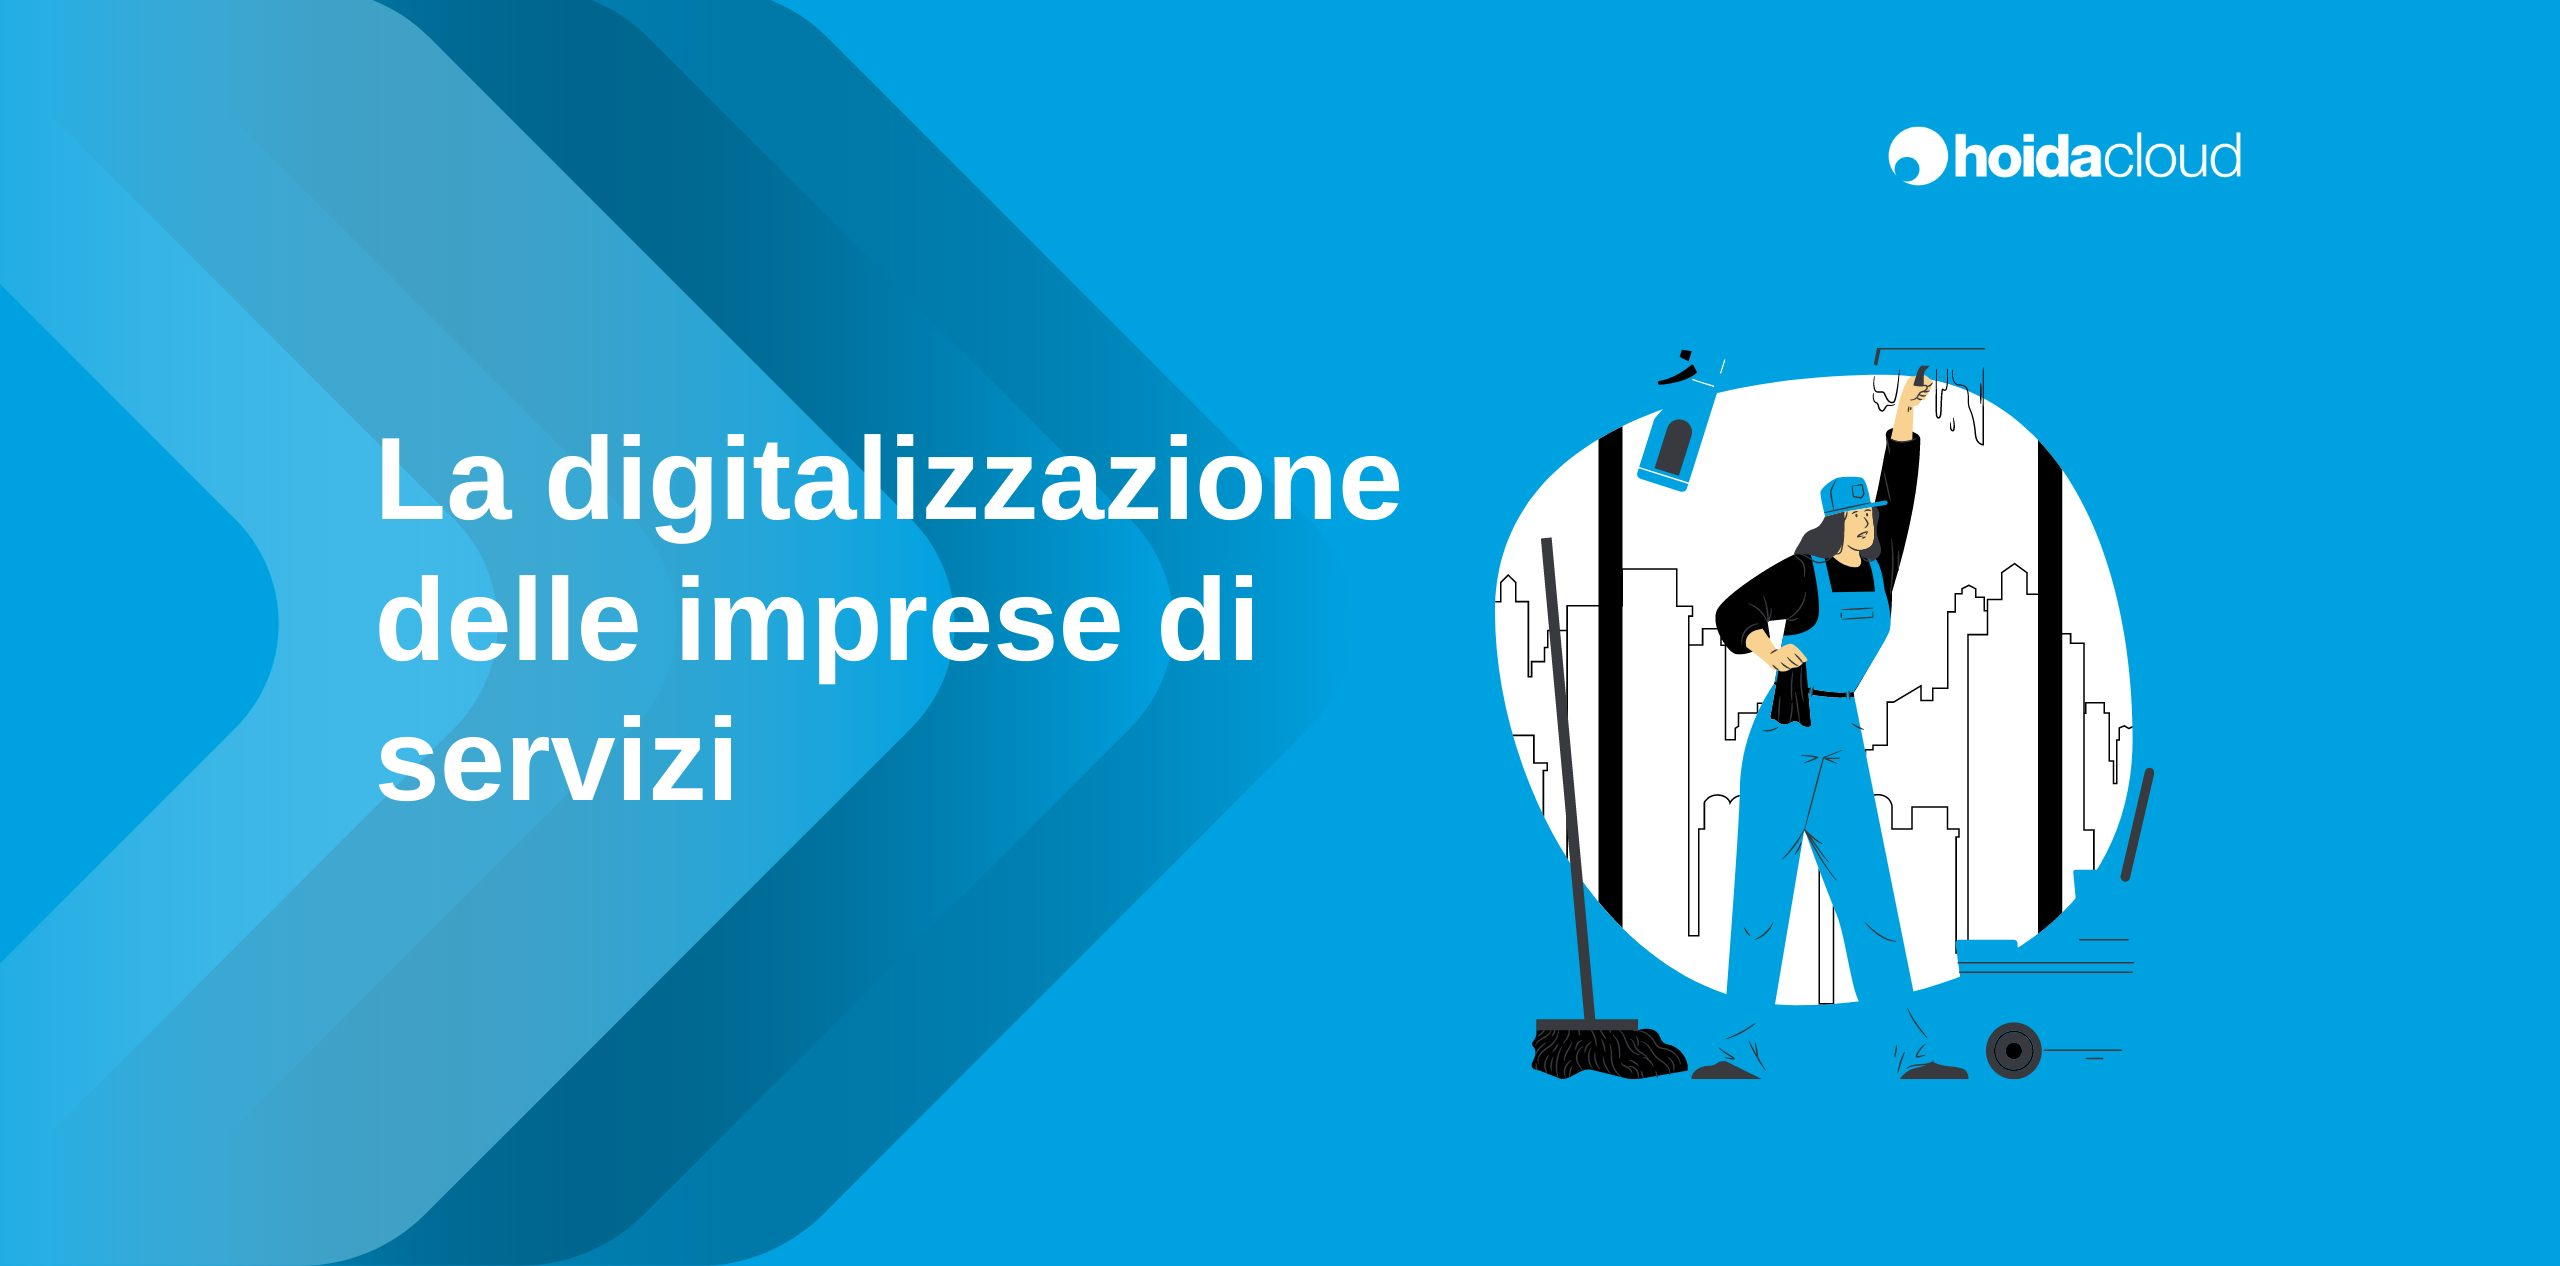 La digitalizzazione delle imprese di servizi